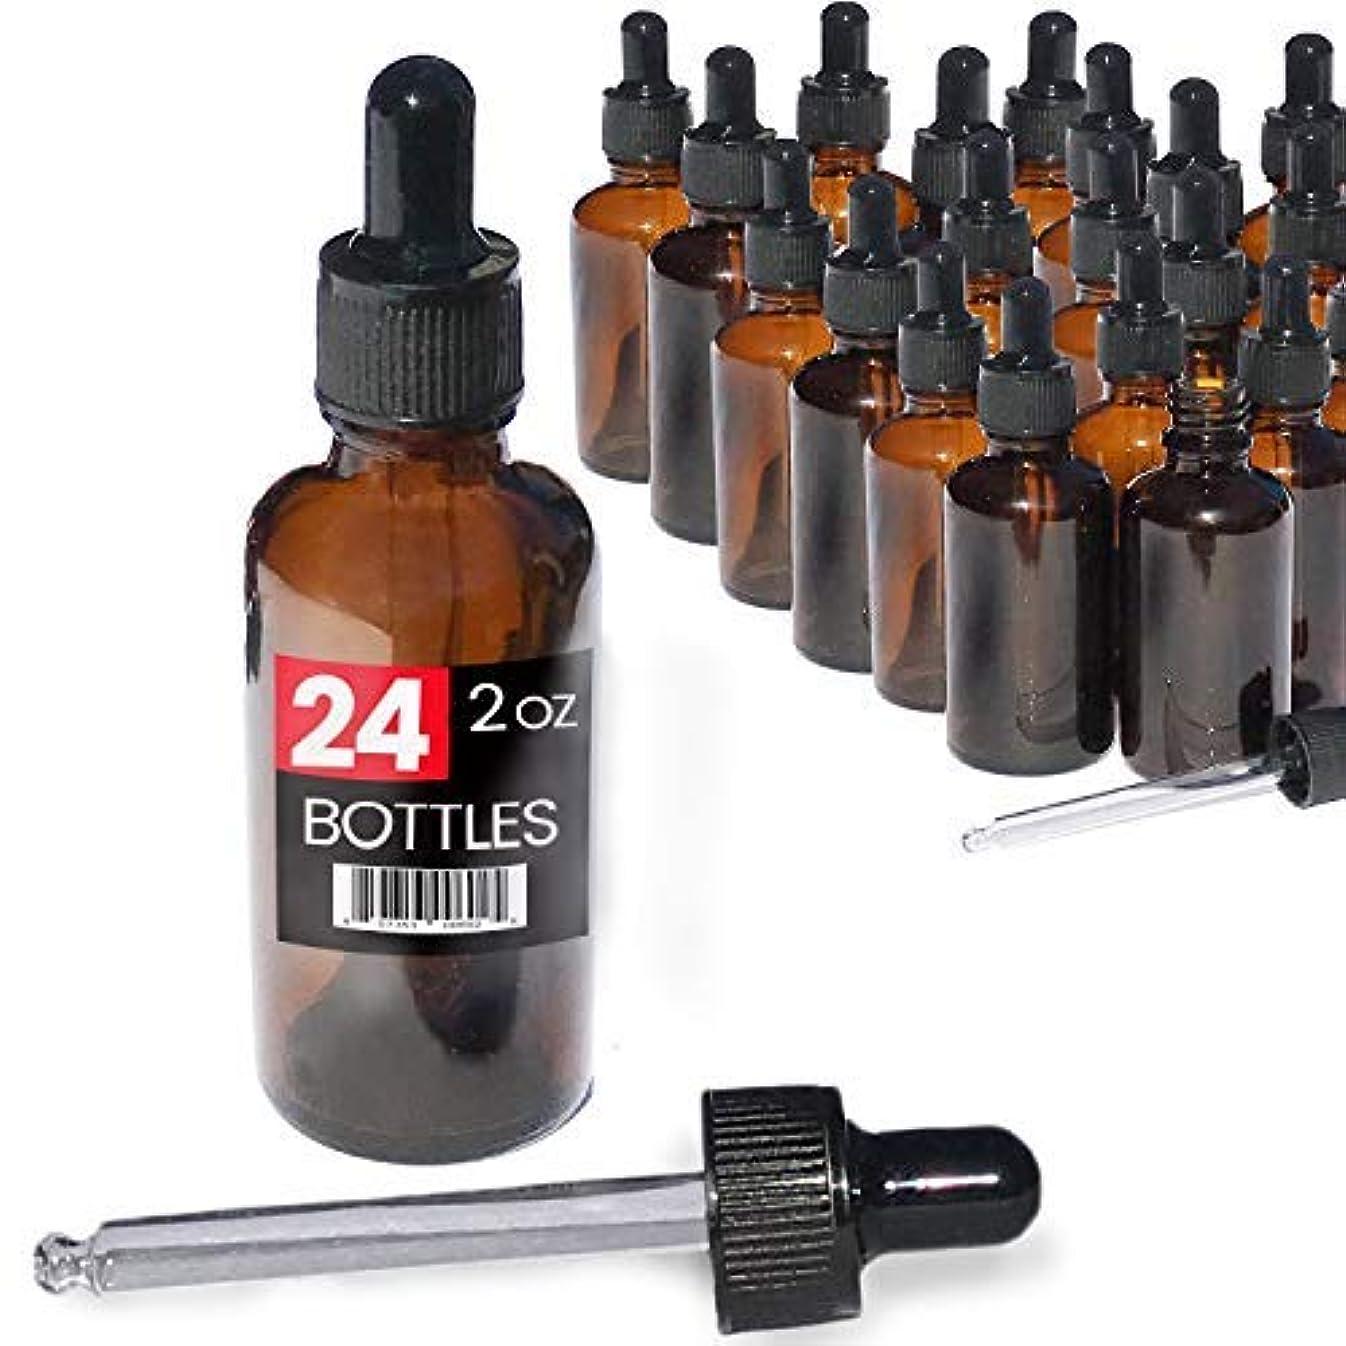 マスク視力職人2oz Premium Dropper Bottles (24 pack) - Great for Essential Oils - Amber 2 oz Glass - Glass Eye Dropper - Guaranteed...